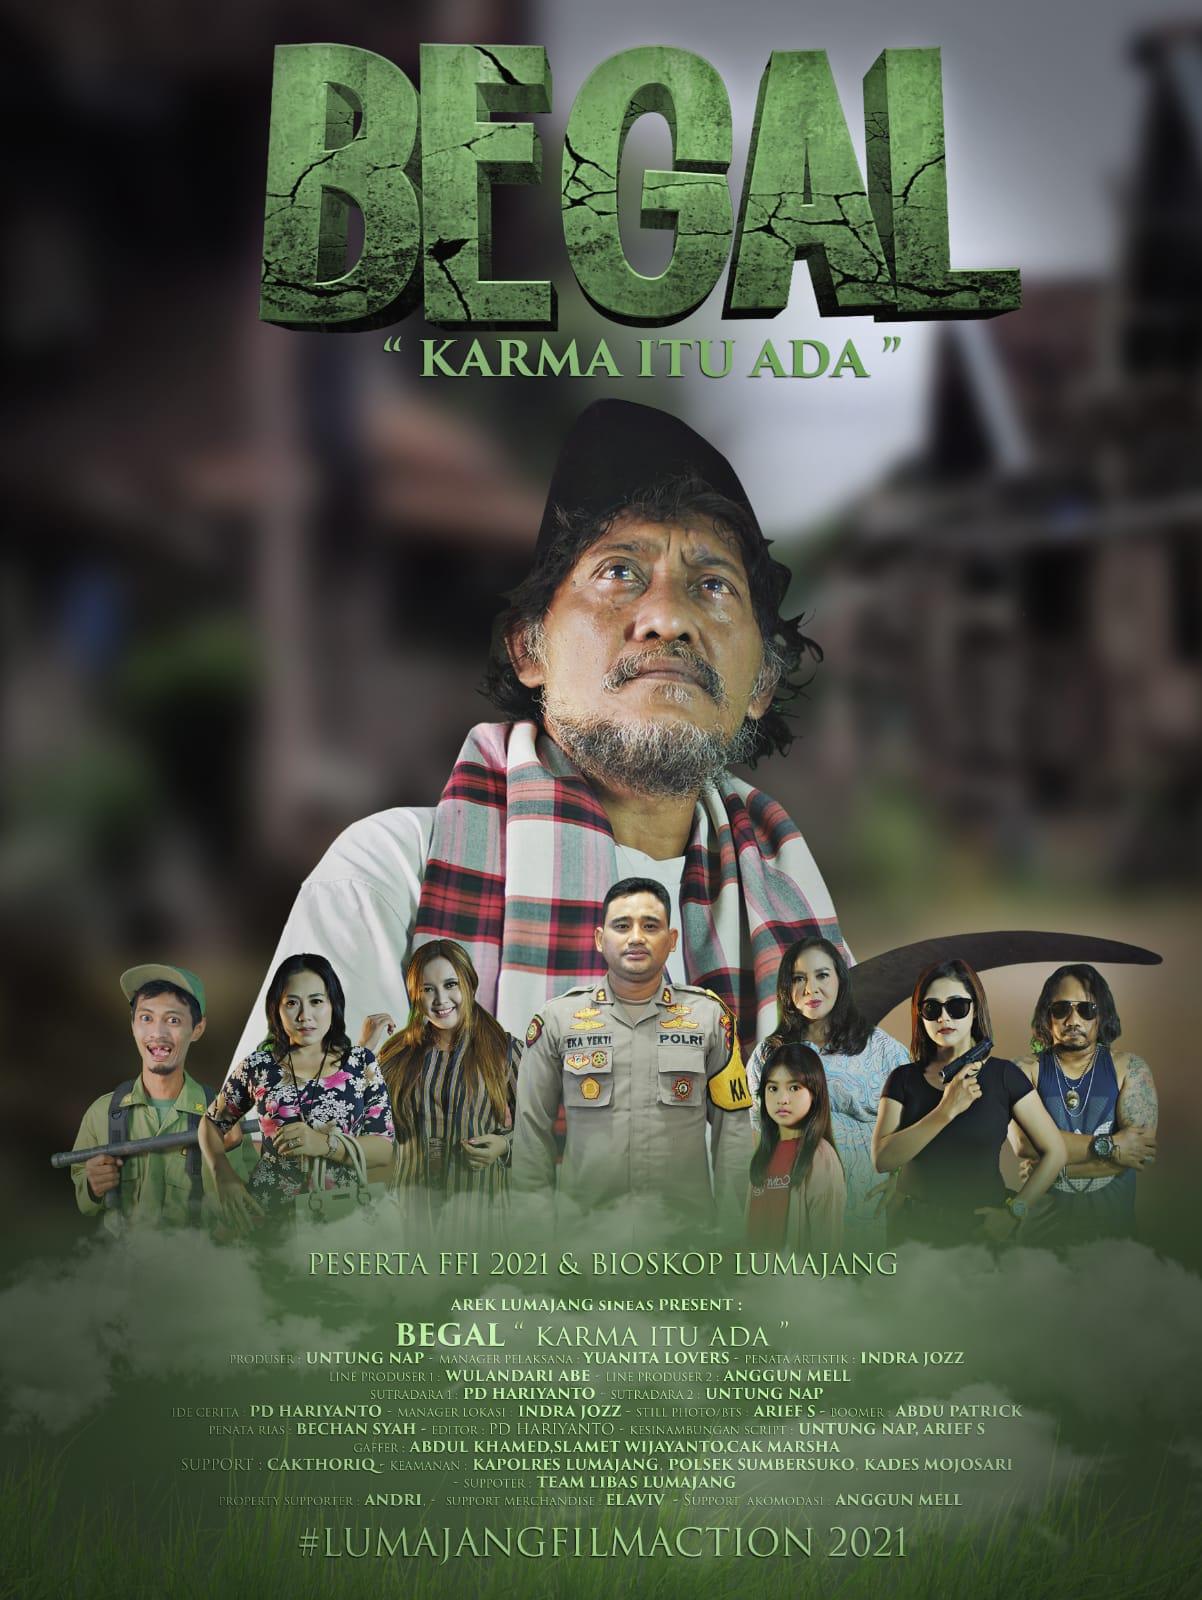 Film Berkisah Begal Karya Sineas Lumajang  ikuti FFI 2021